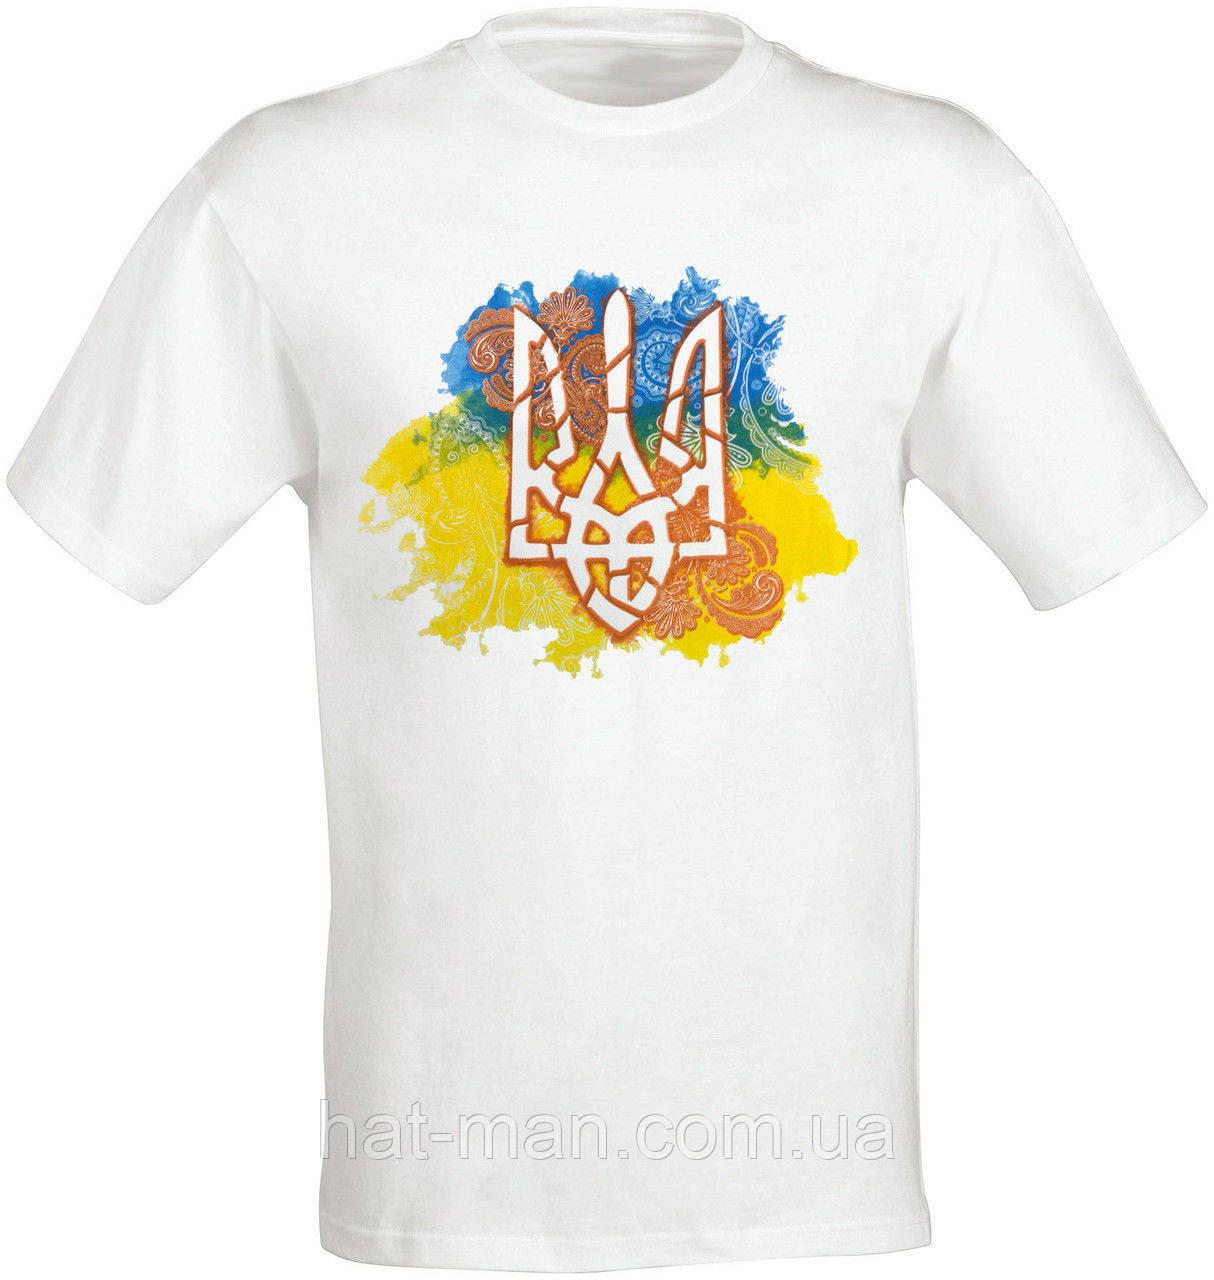 Футболка с украинской символикой